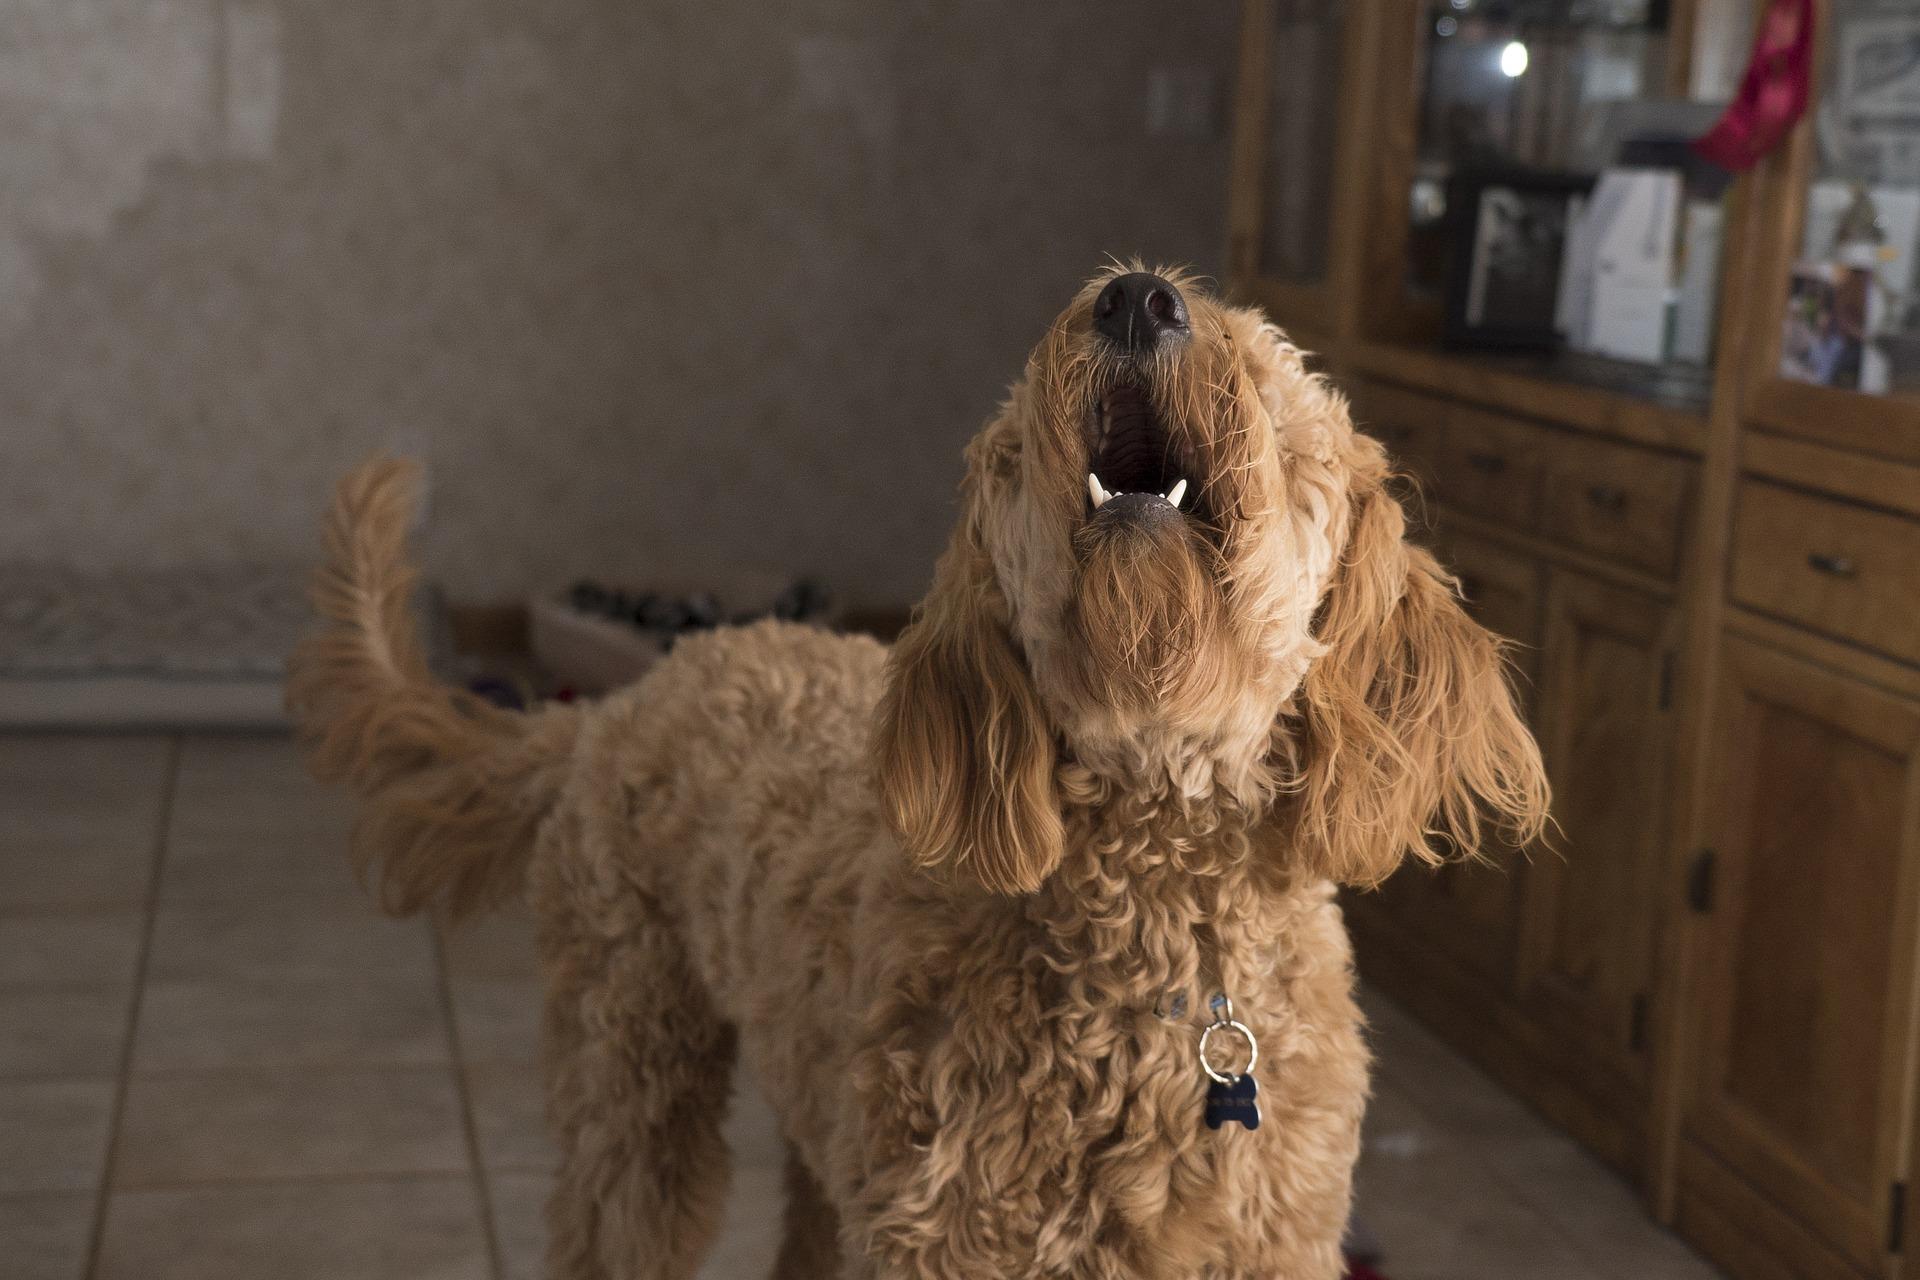 犬に無駄吠えなし?それでも吠える犬にしつけが必要な理由や、おすすめグッズ